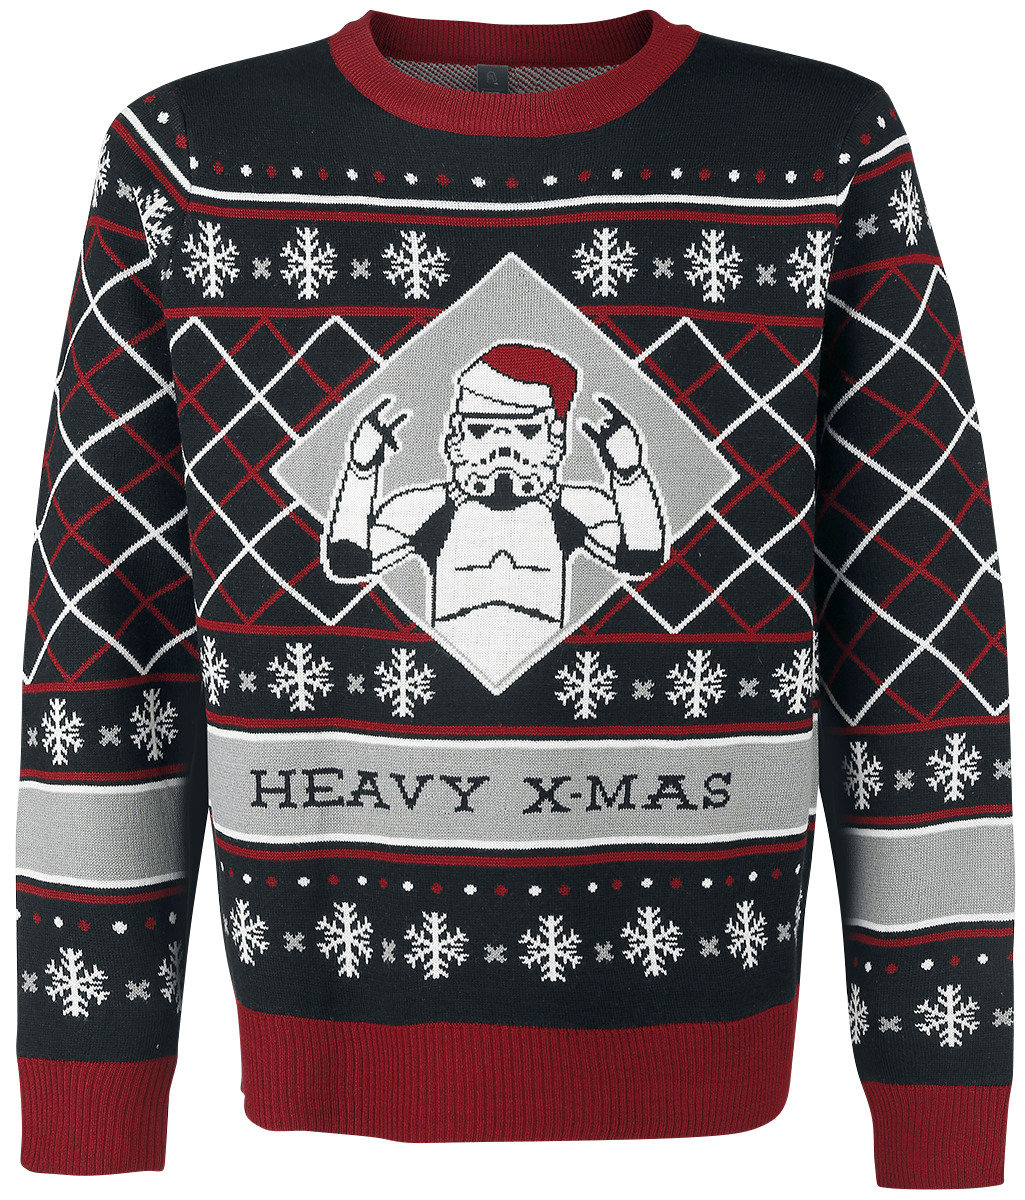 Original Stormtrooper - Heavy Xmas - Sweatshirt - multicolour image